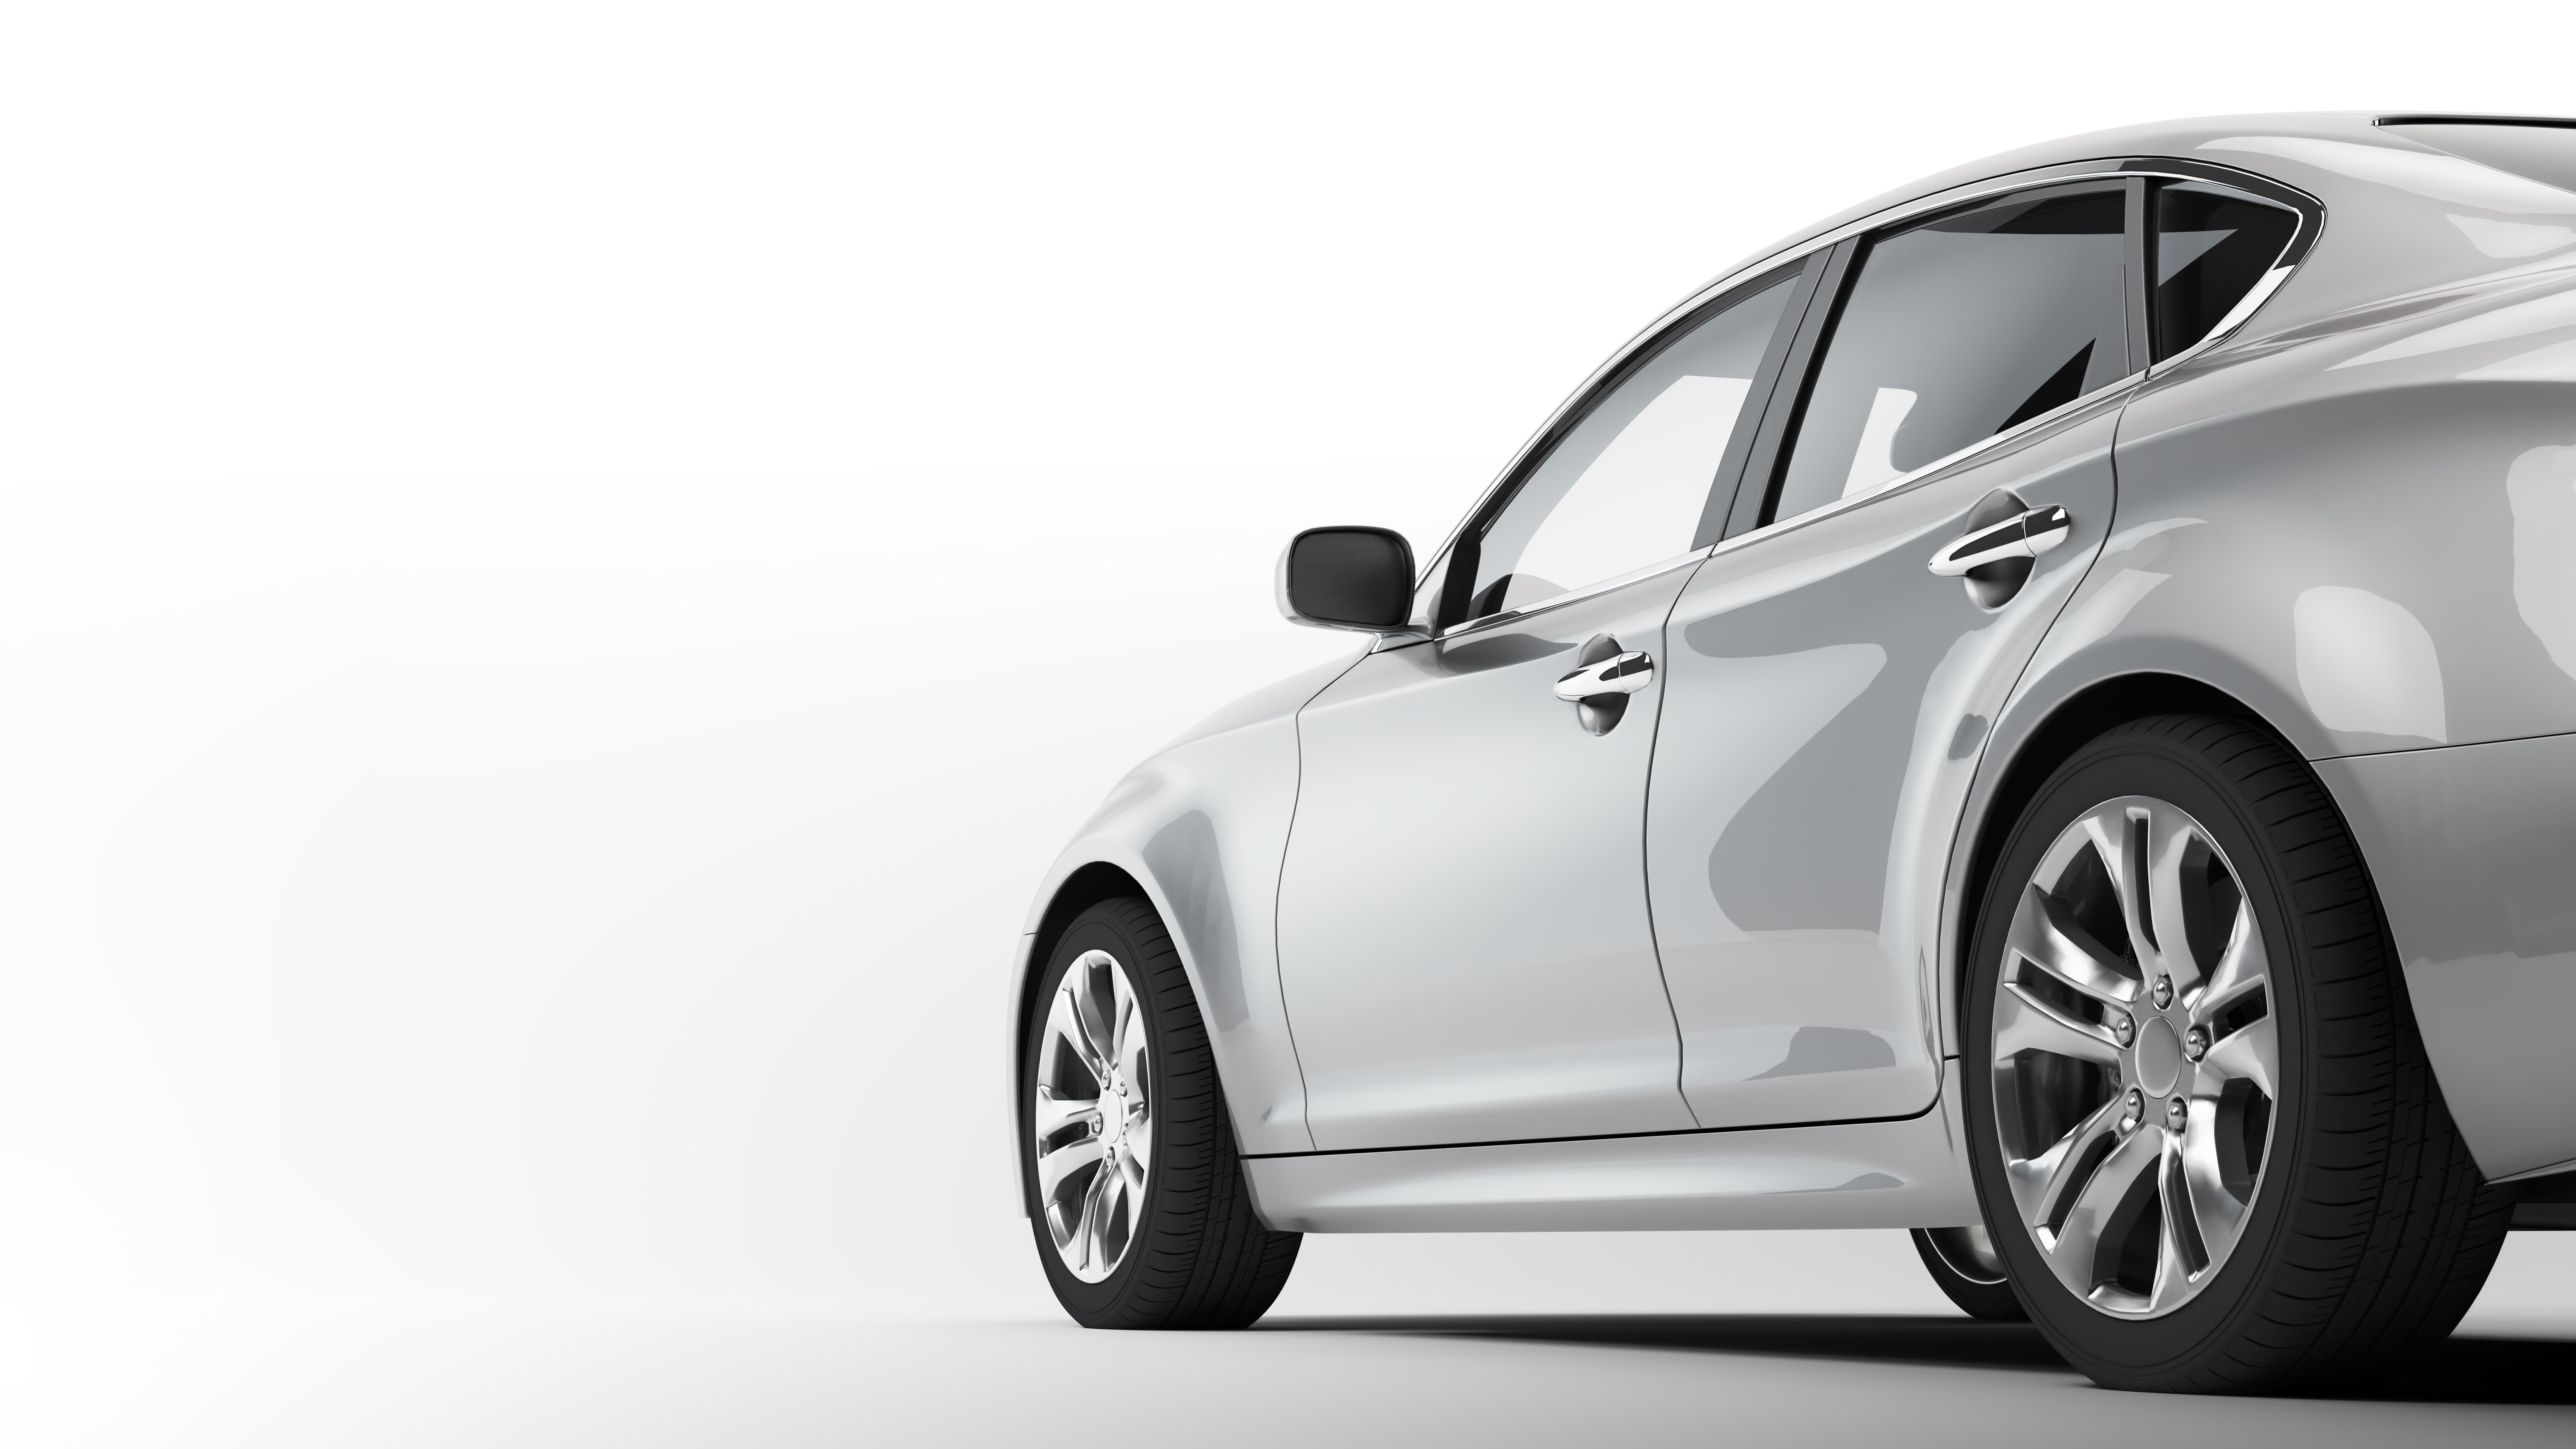 global automotive industry - Netscribes